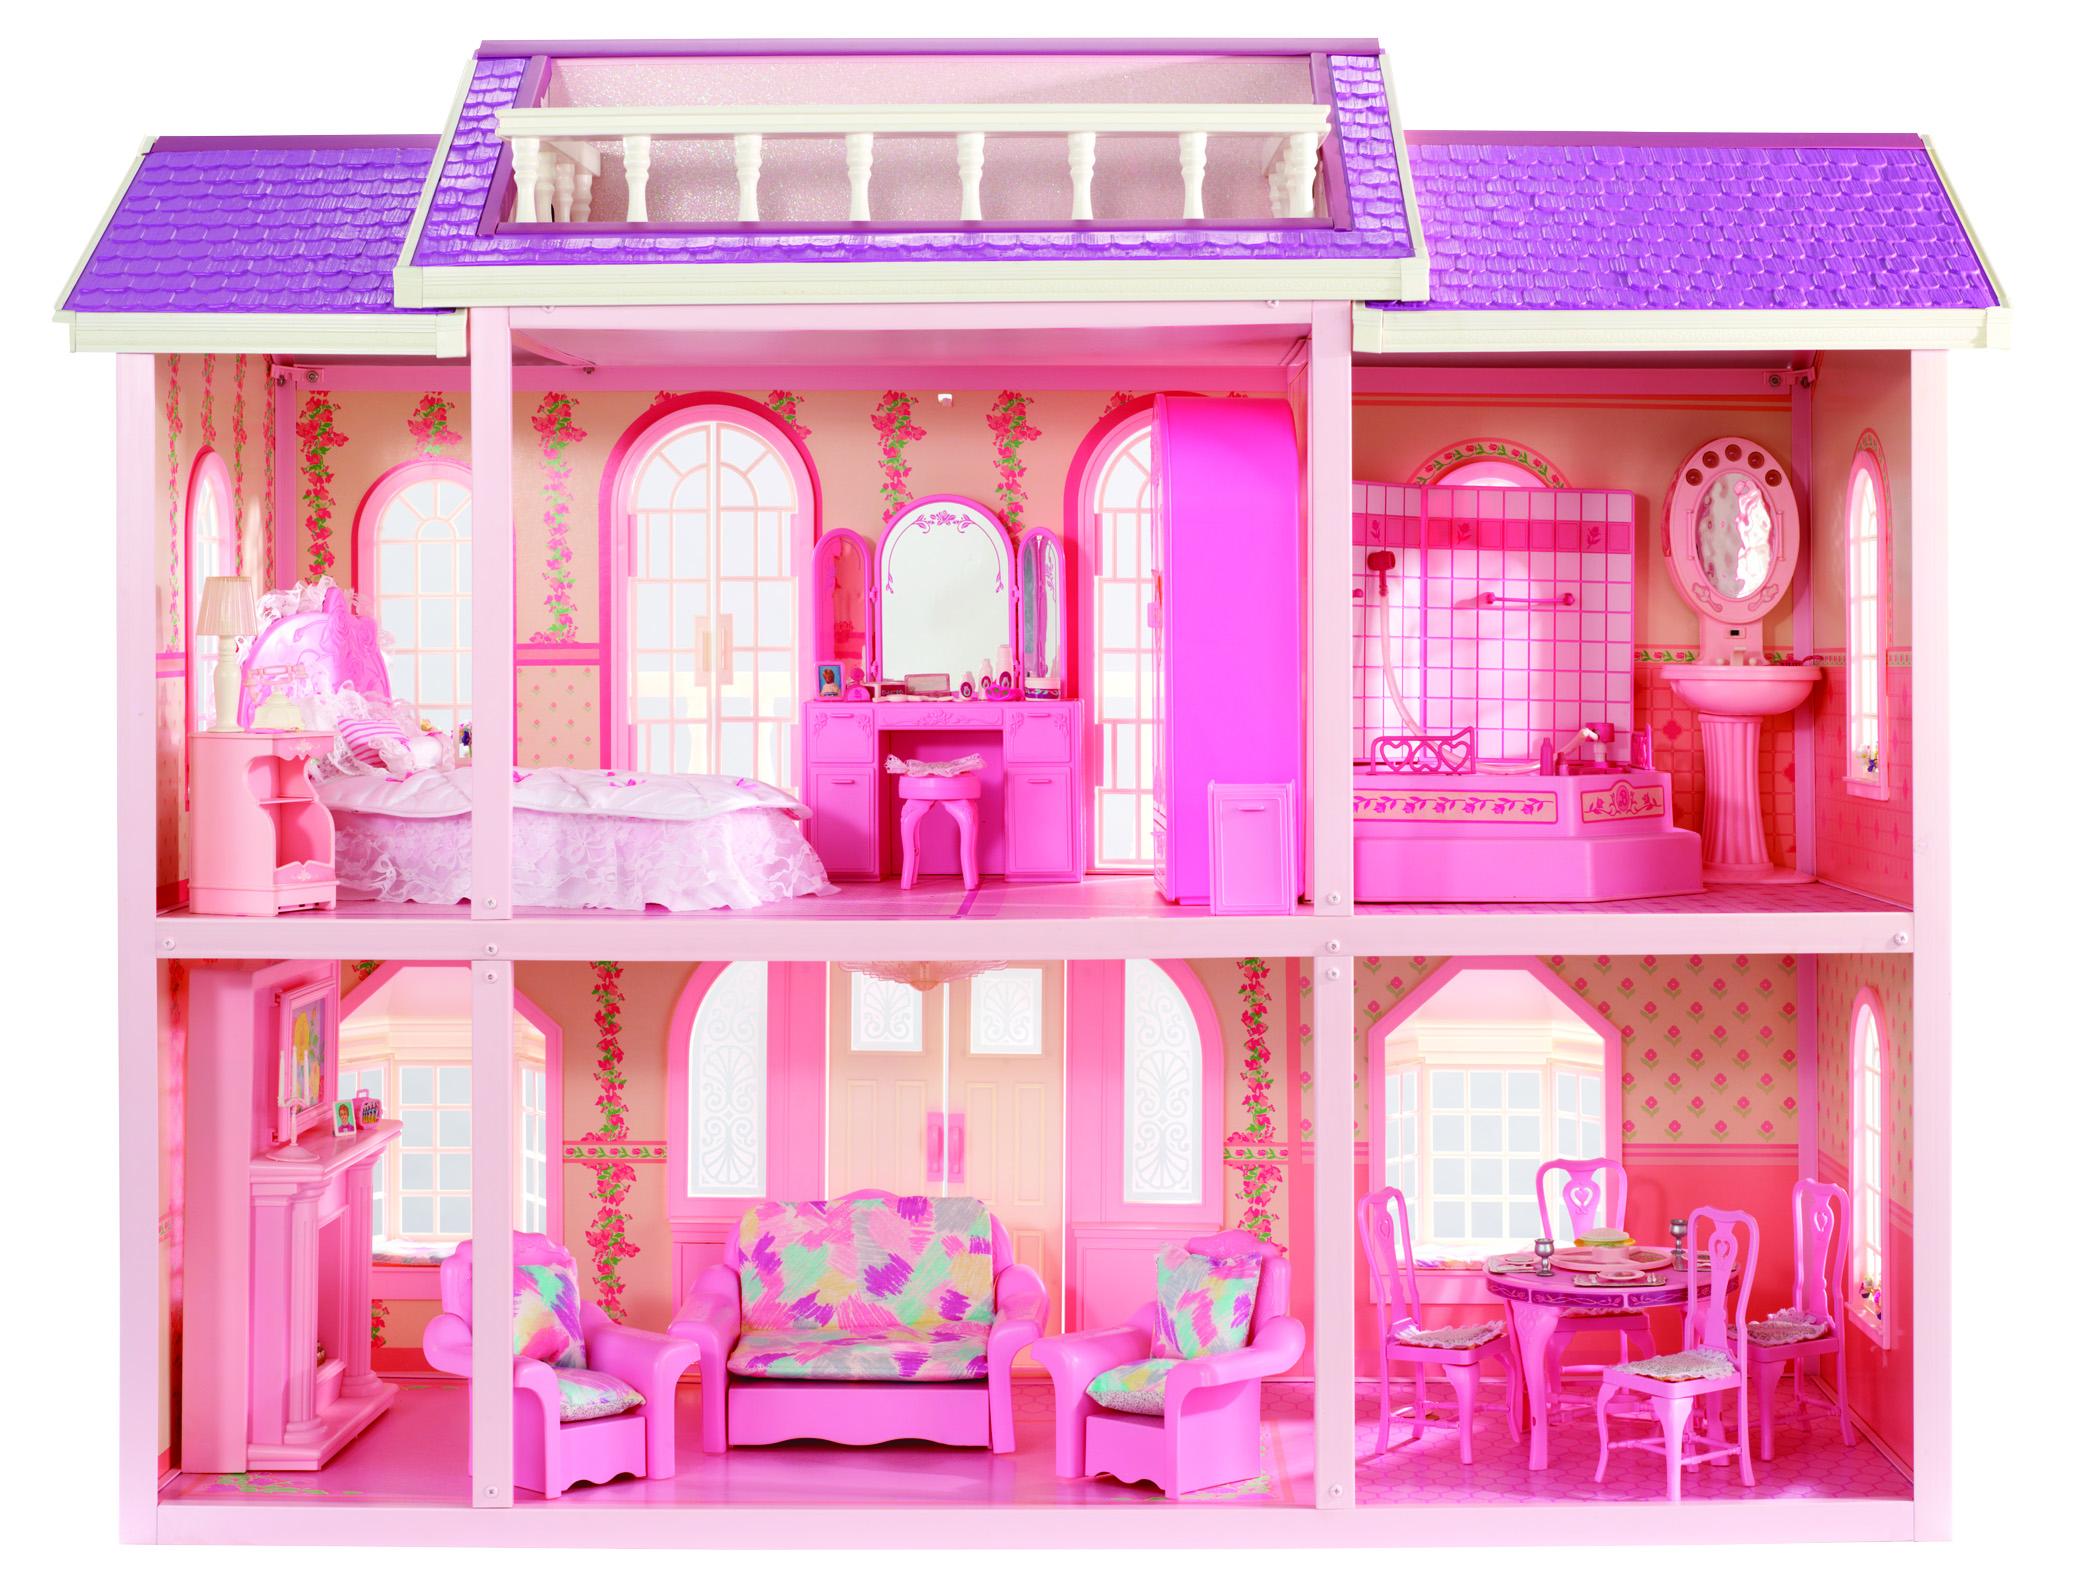 Barbie se muda de casa | Una vitrina llena de tesoros (Barbie blog)